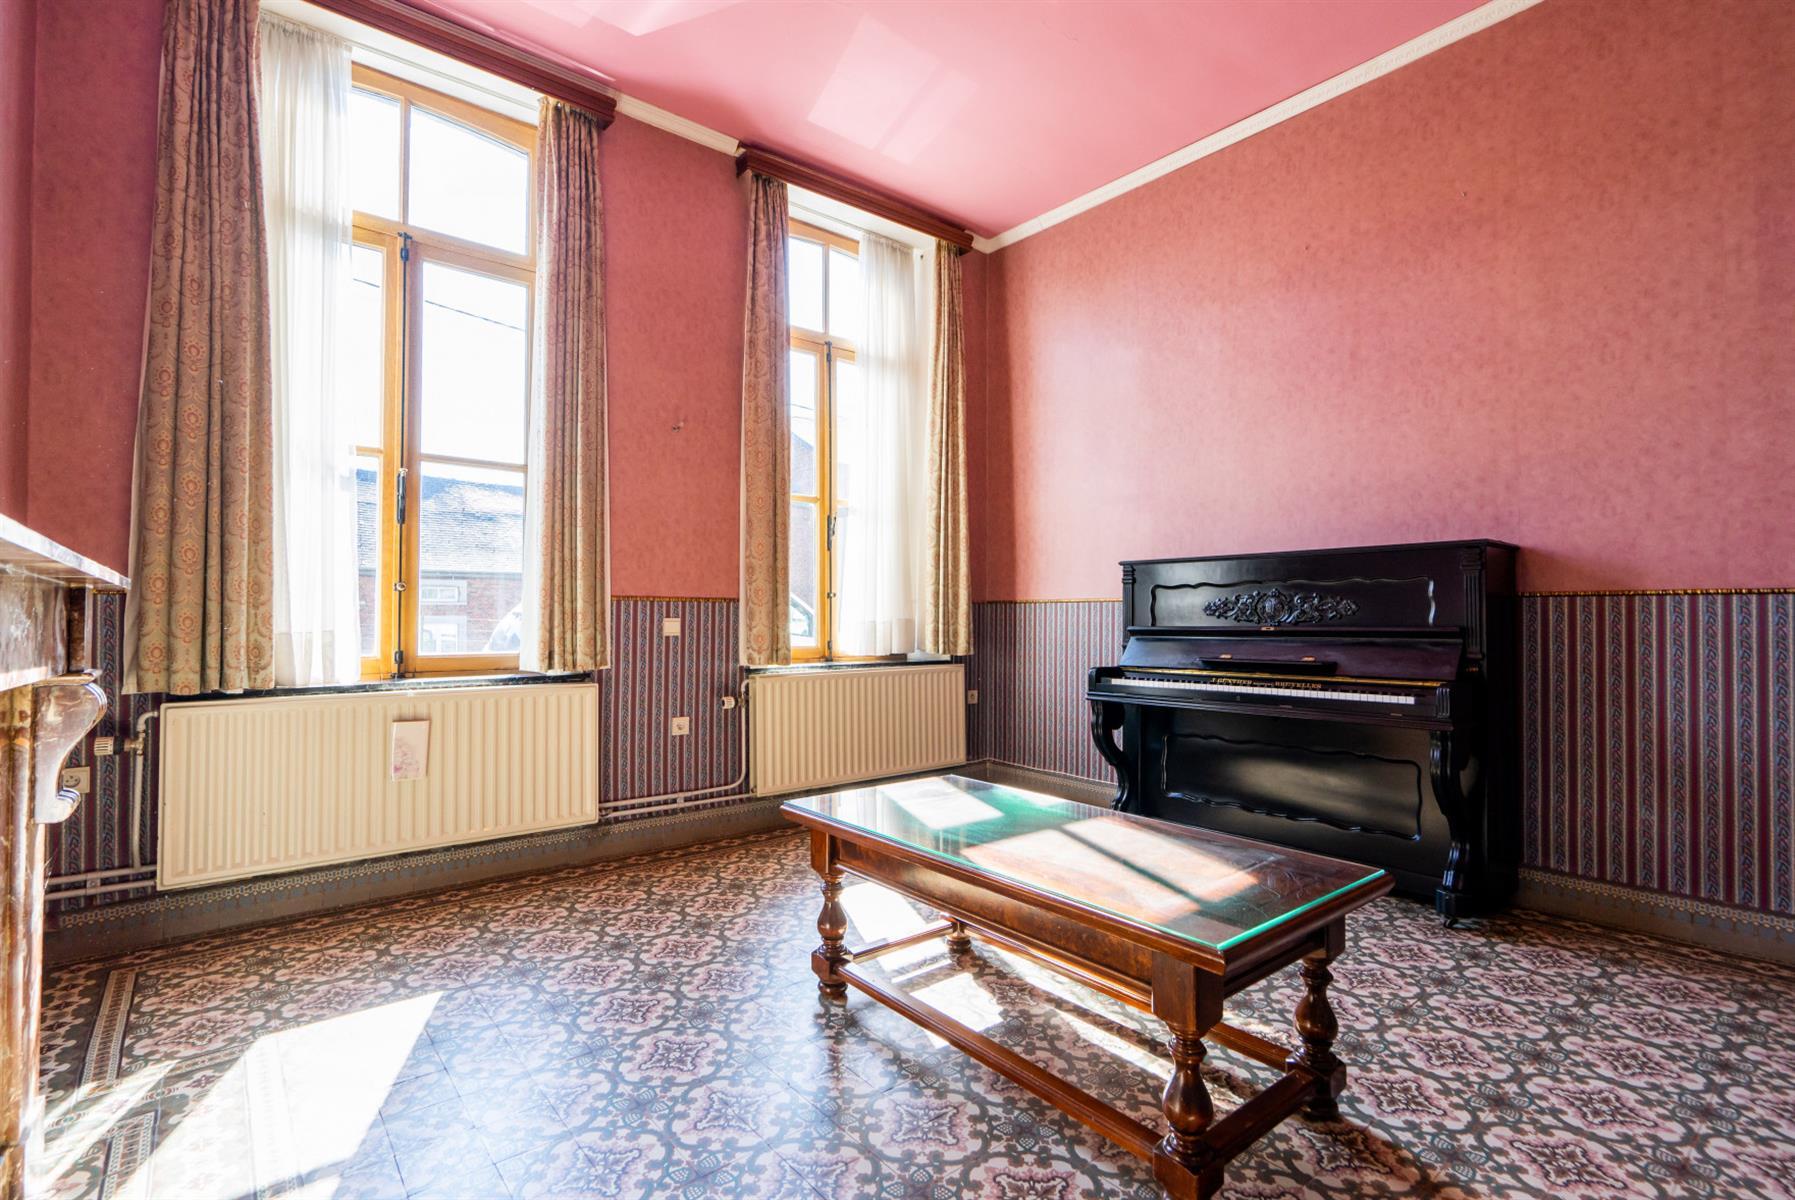 Maison de maître - Rochefort - #4534945-5